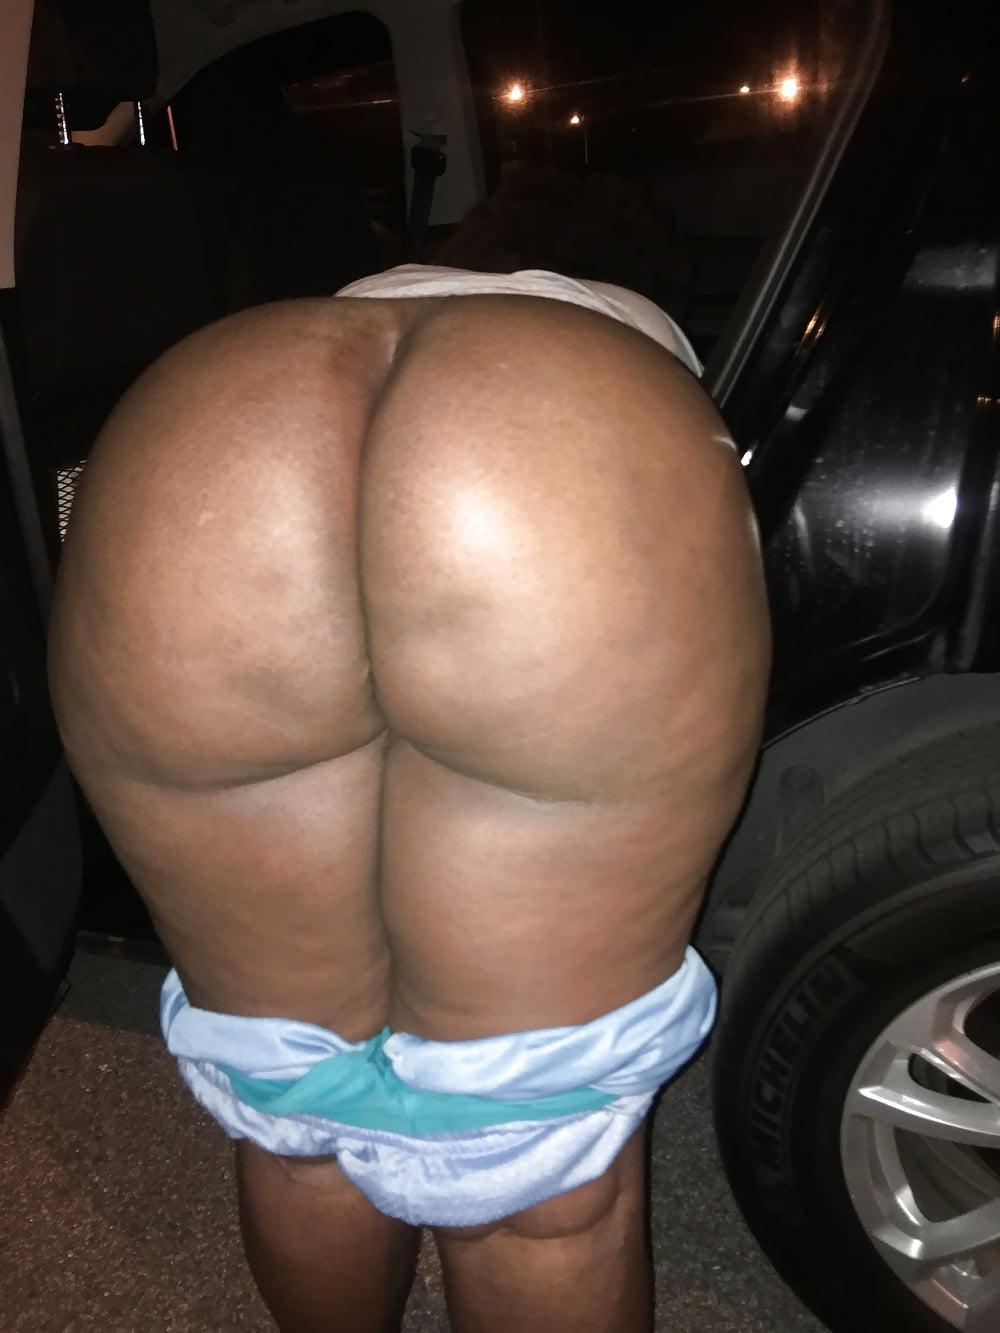 thot ass